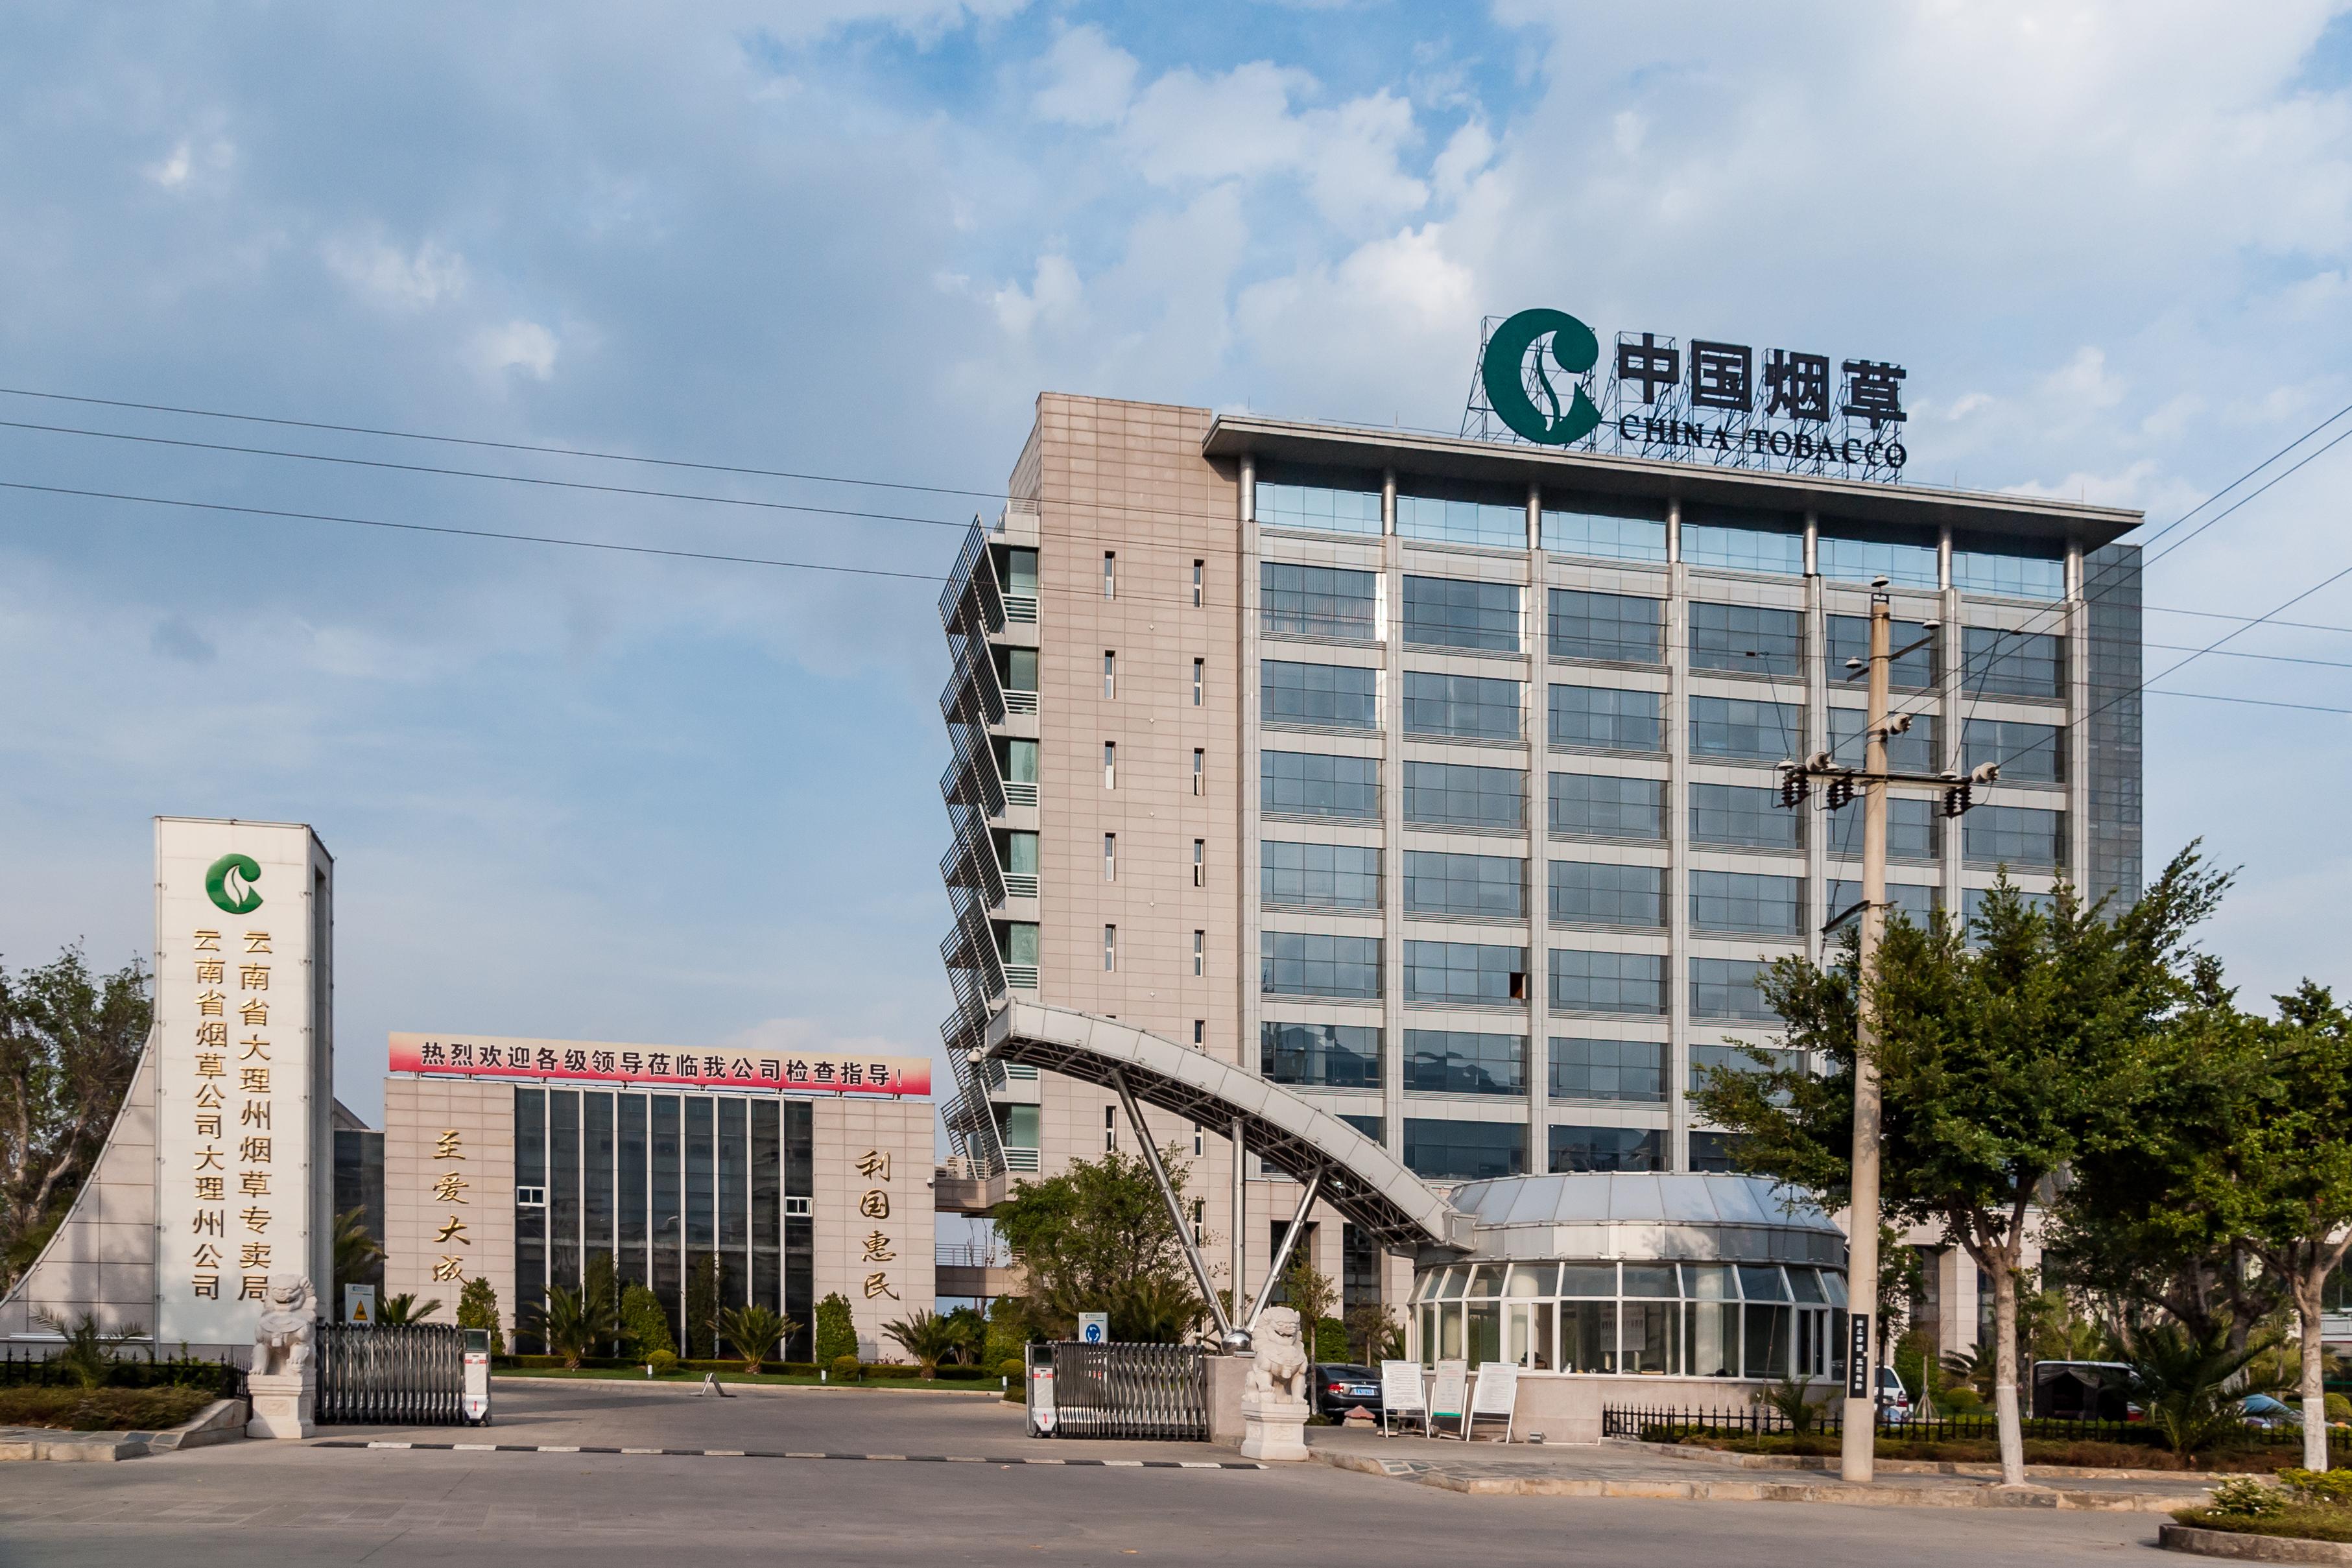 File:Dali Yunnan China China-Tobacco-Building-01.jpg